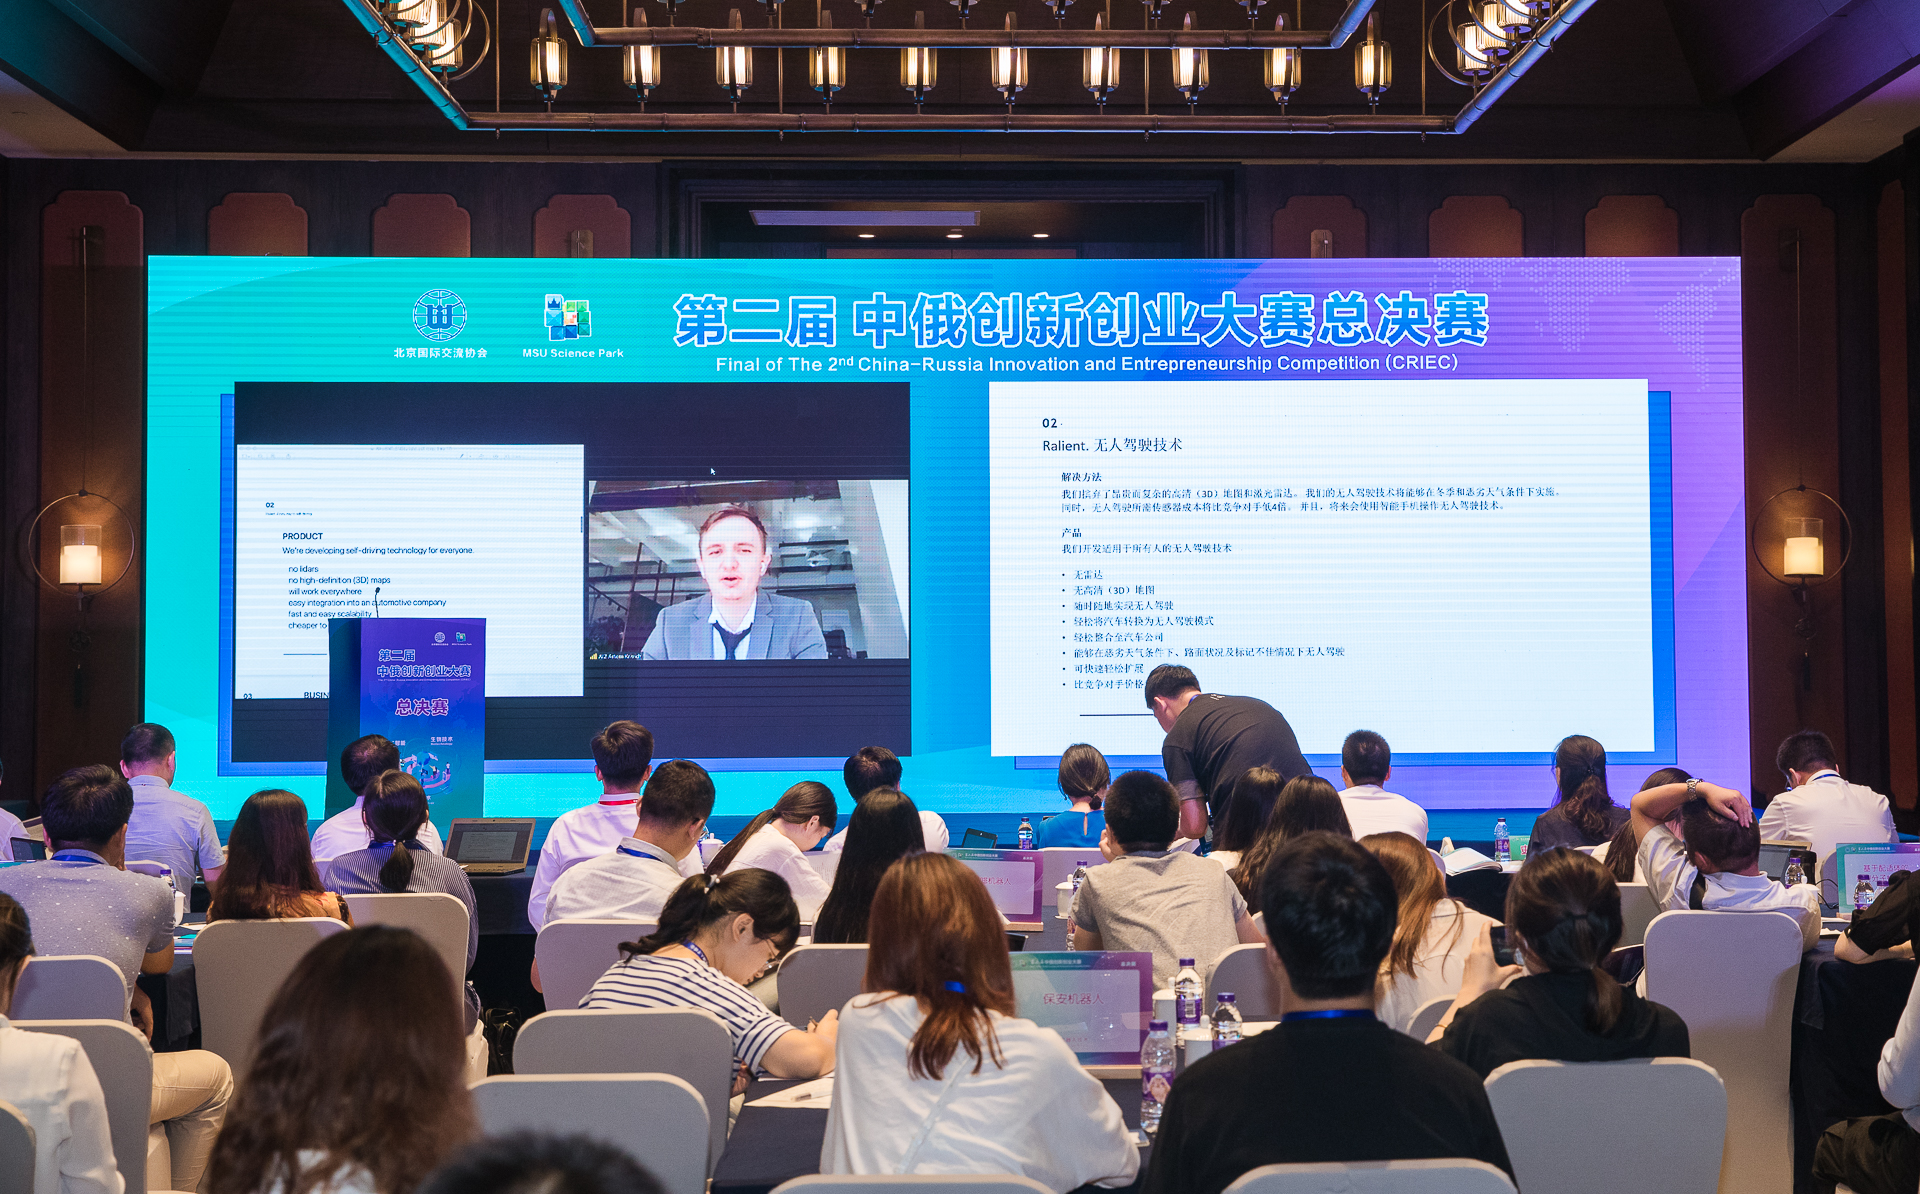 硕果累累 第二届中俄创新创业大赛总决赛圆满落幕